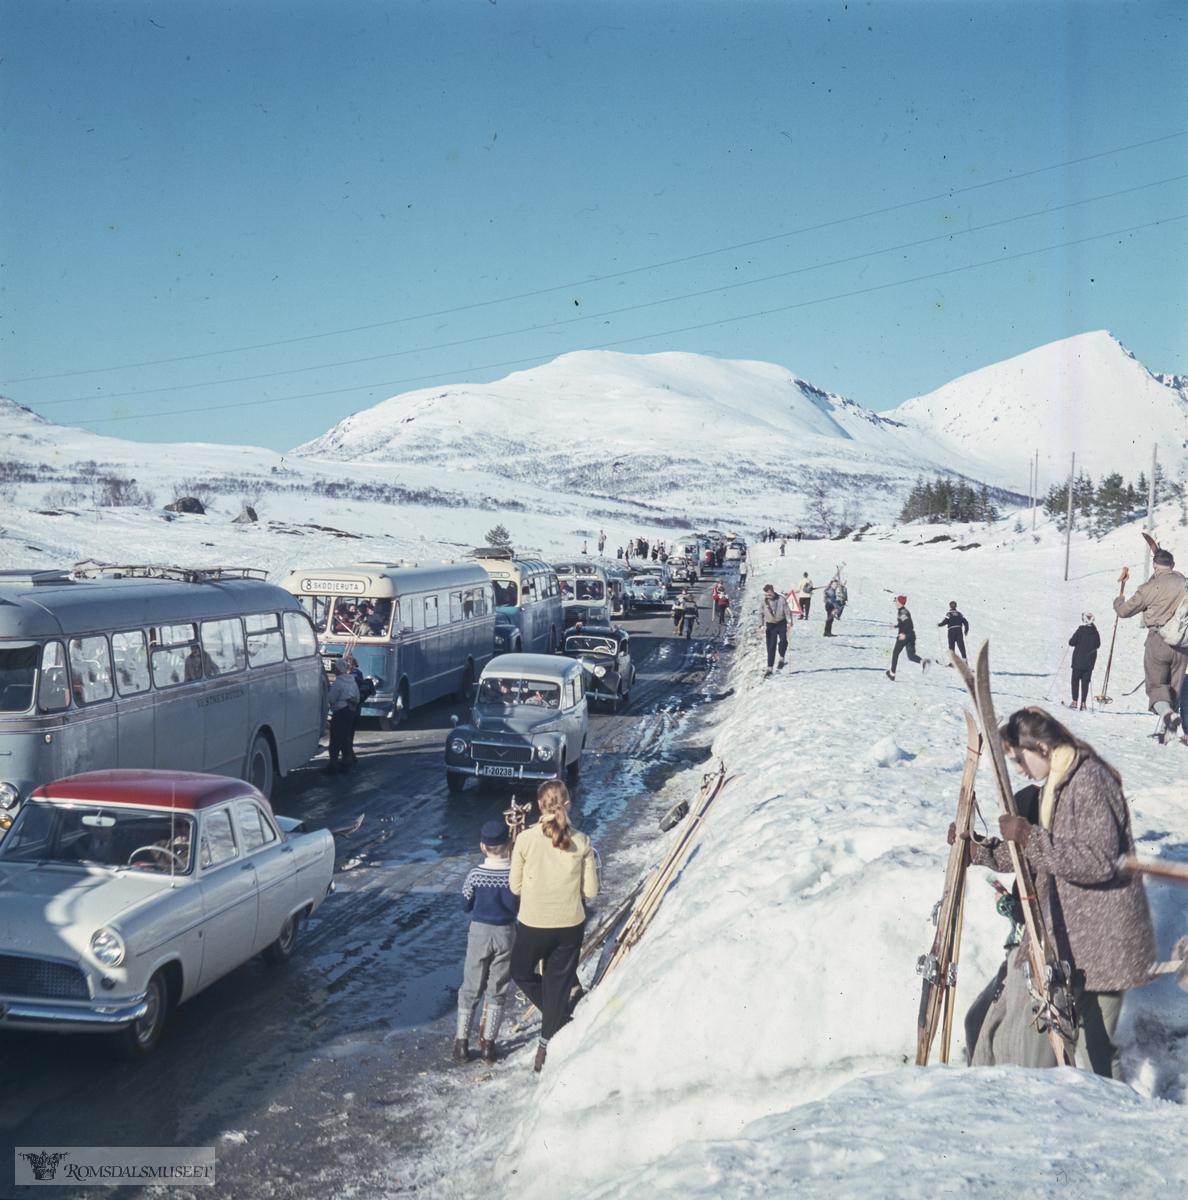 Ørskogfjellet..Mange fra Ålesundområdet reiste dit når det var gode forhold for skitur. Bussene er sannsynligvis fra 1950-tallet og det er få personbiler å se. Folk var mer avhengig av buss den gangen. Den fremste bussen, grålakkert, tilhørte Vestnesruten, som hadde ruter Ålesund-Vestnes i korrespondanse med fergene til og fra Molde. De neste to bussene tilhørte Skodjeruta som hadde busser lakkert i blått og gult. Den første av disse to minner om T-1042, 1955-modell, som er bevart og eksisterer som veteranbuss.